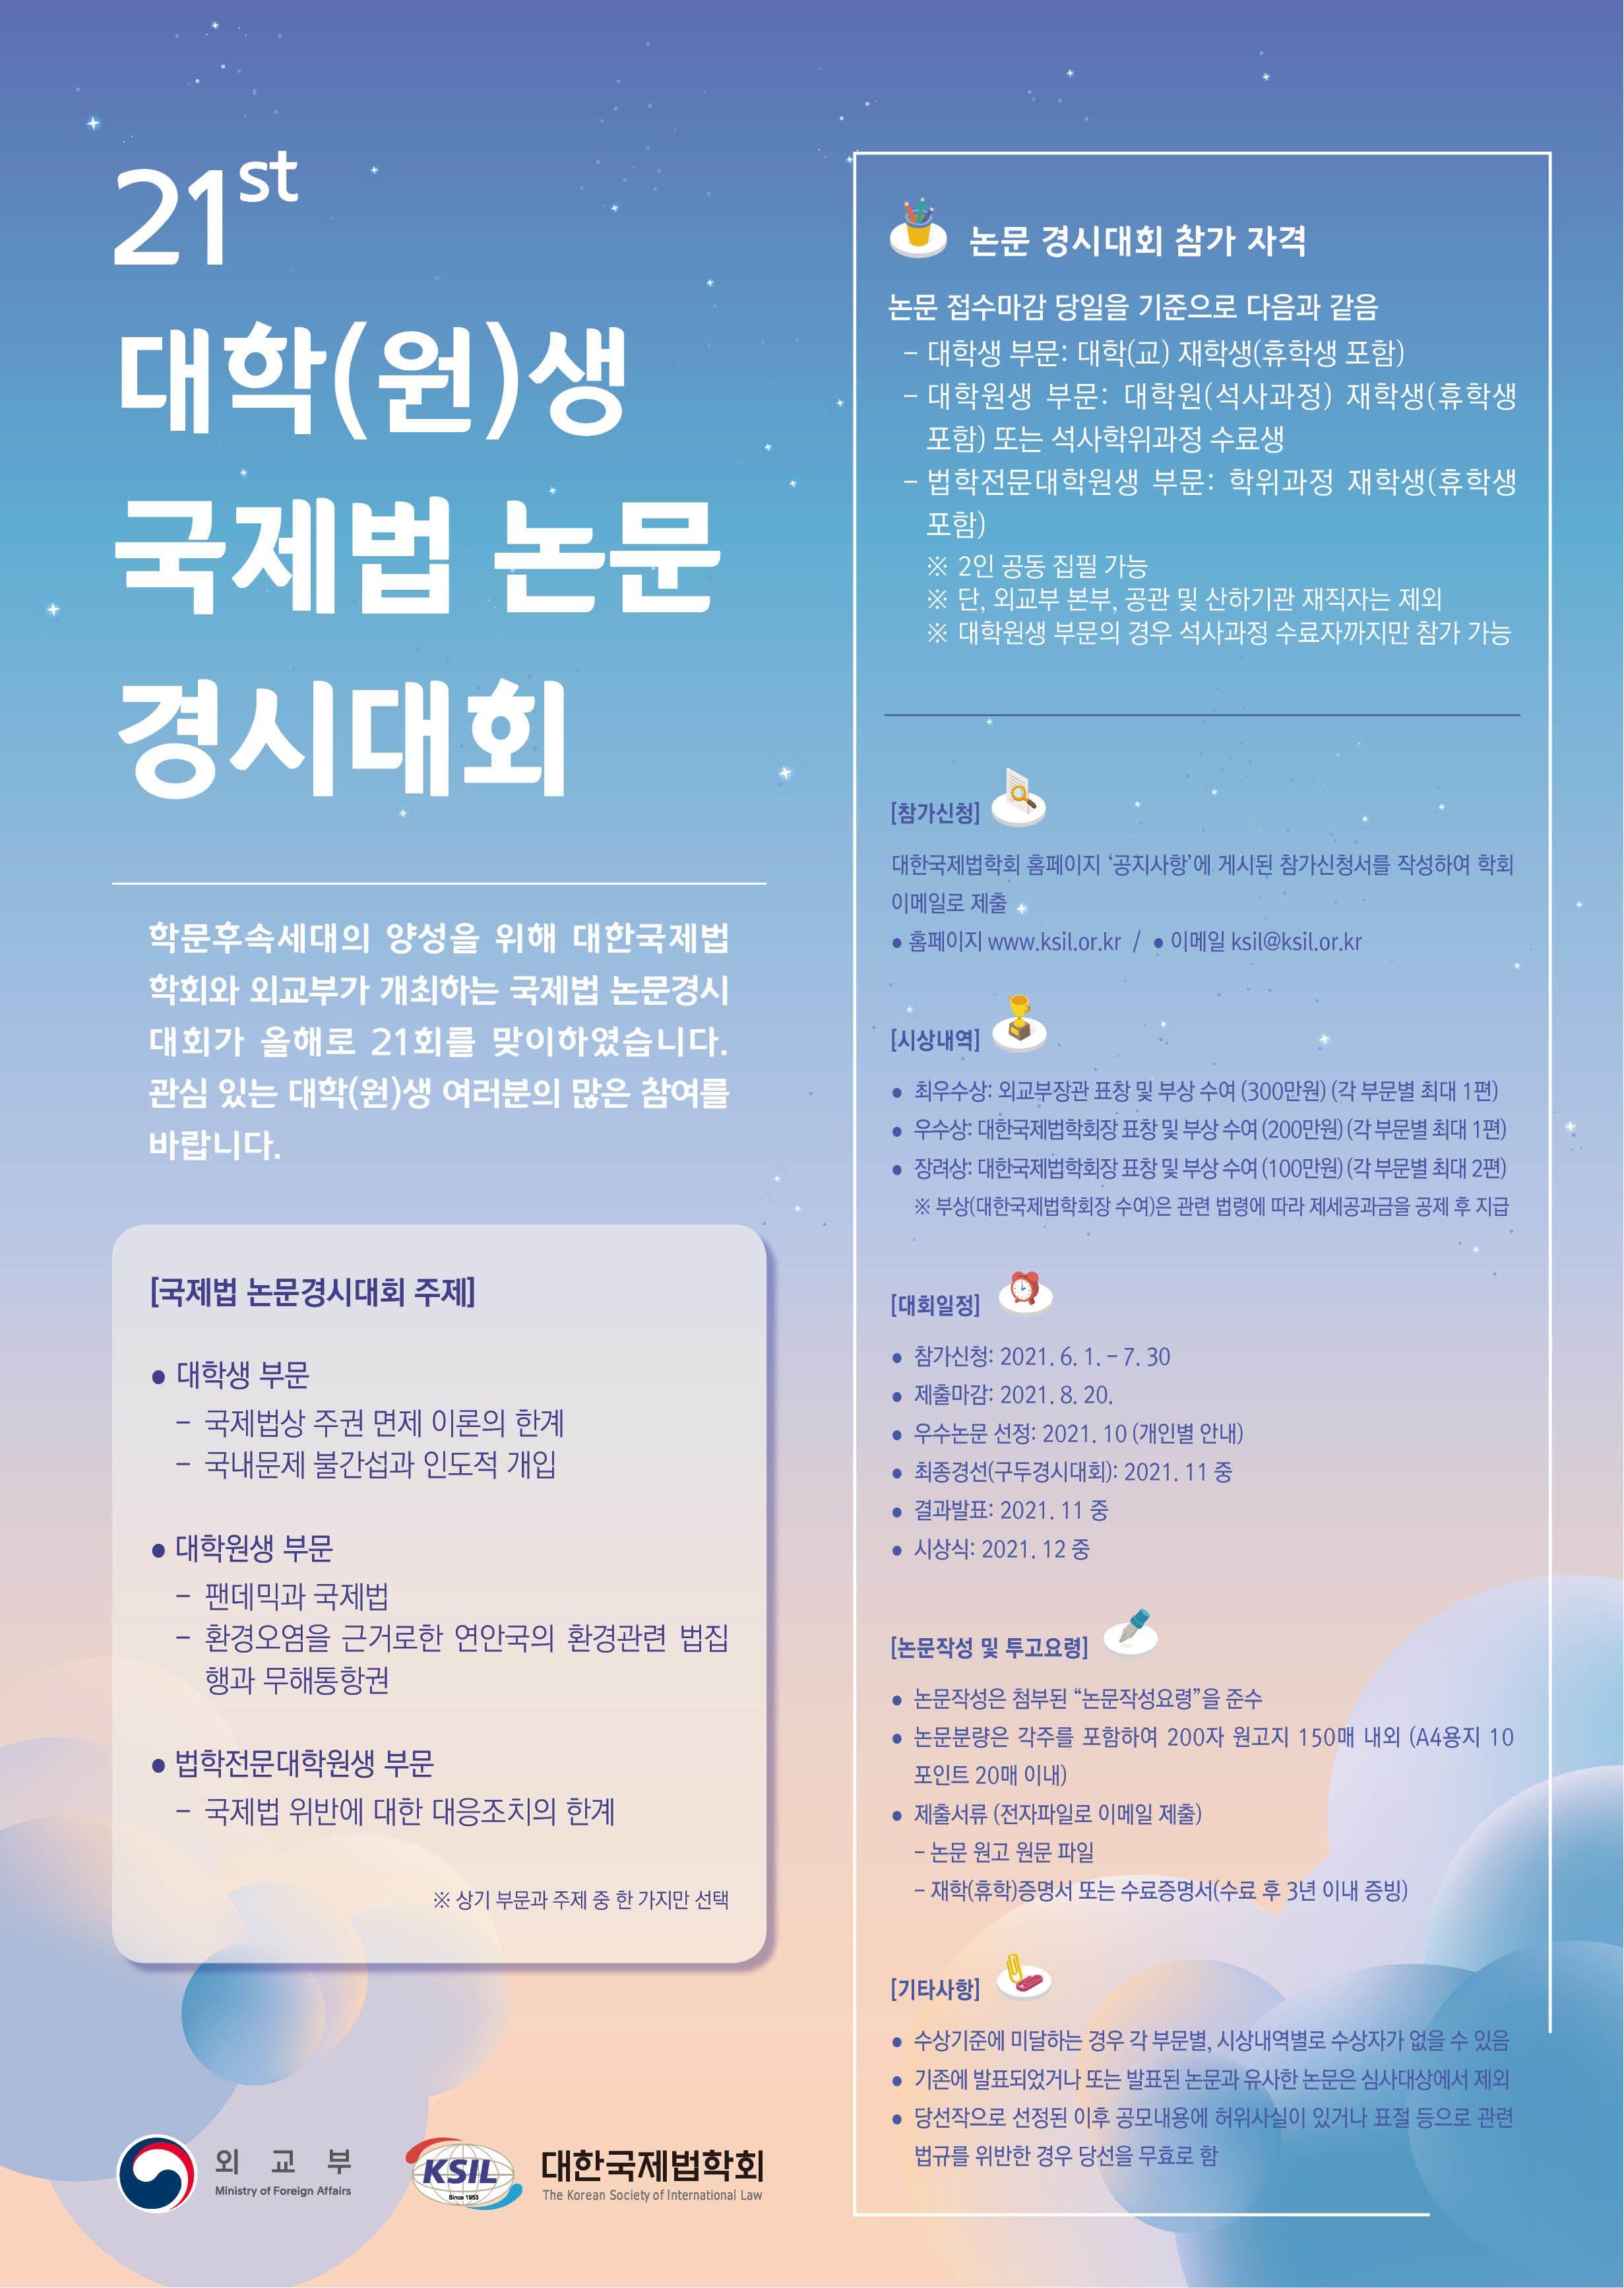 제21회 대학(원)생 국제법 논문 경시대회 *신청마감 기한연장(9/30)